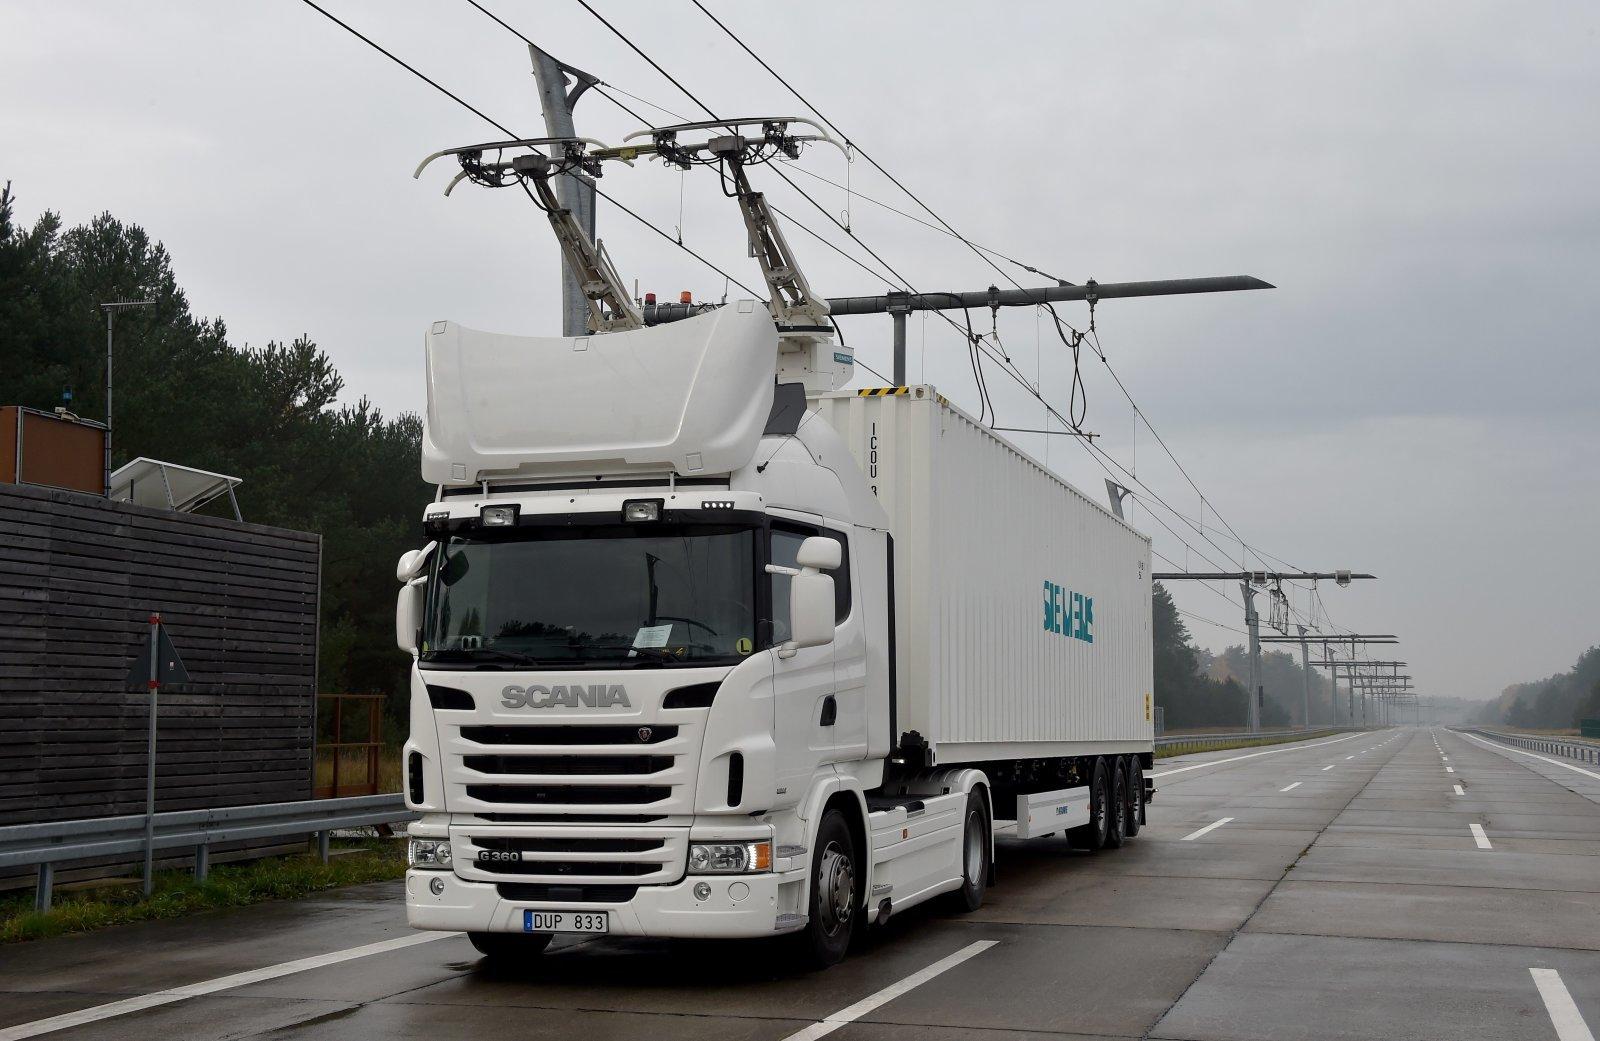 ألمانيا تلحق بالسويد وتختبر أول طريق كهربي سريع للشاحات الهجينة